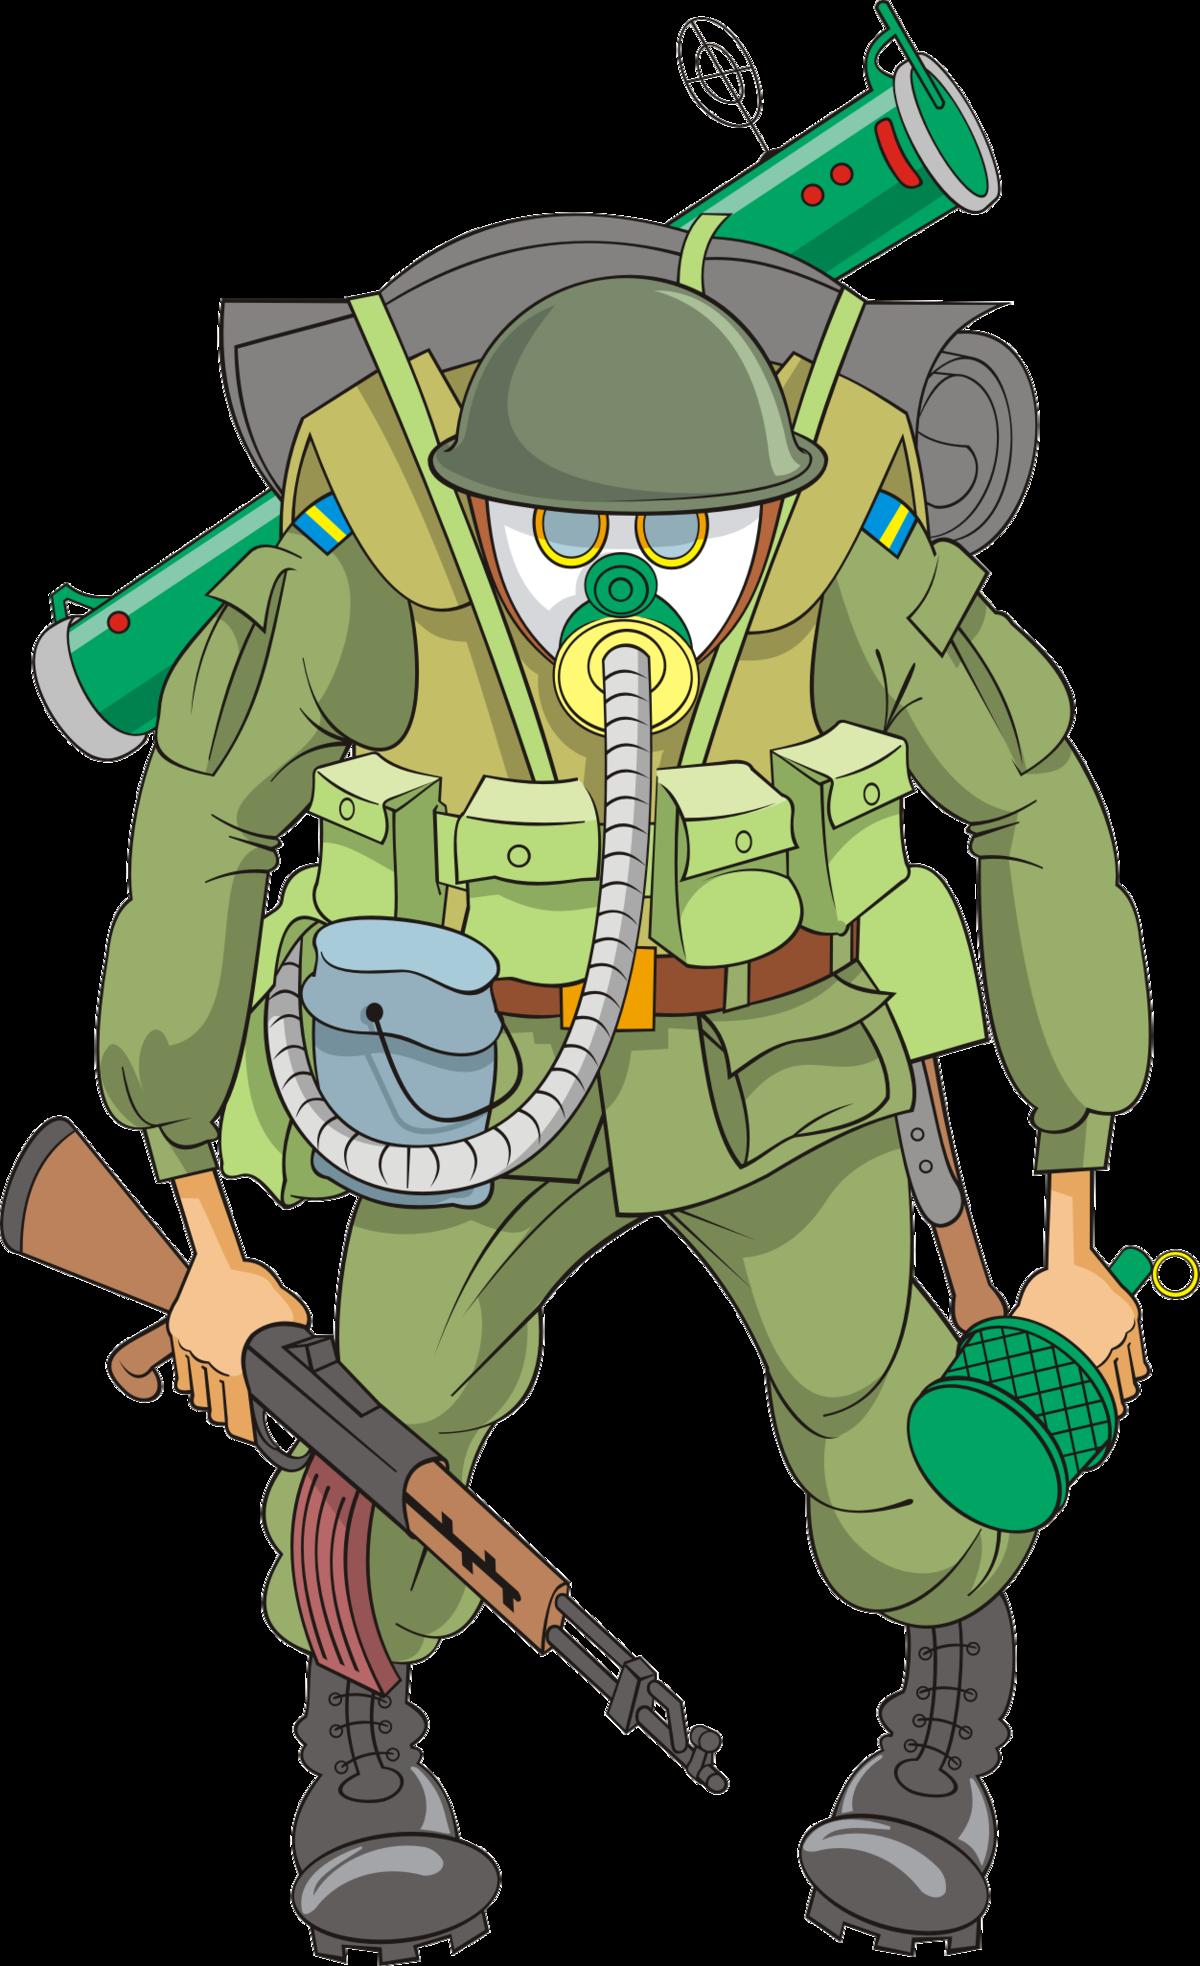 бужинский прикольный рисунок военного дарили подарки